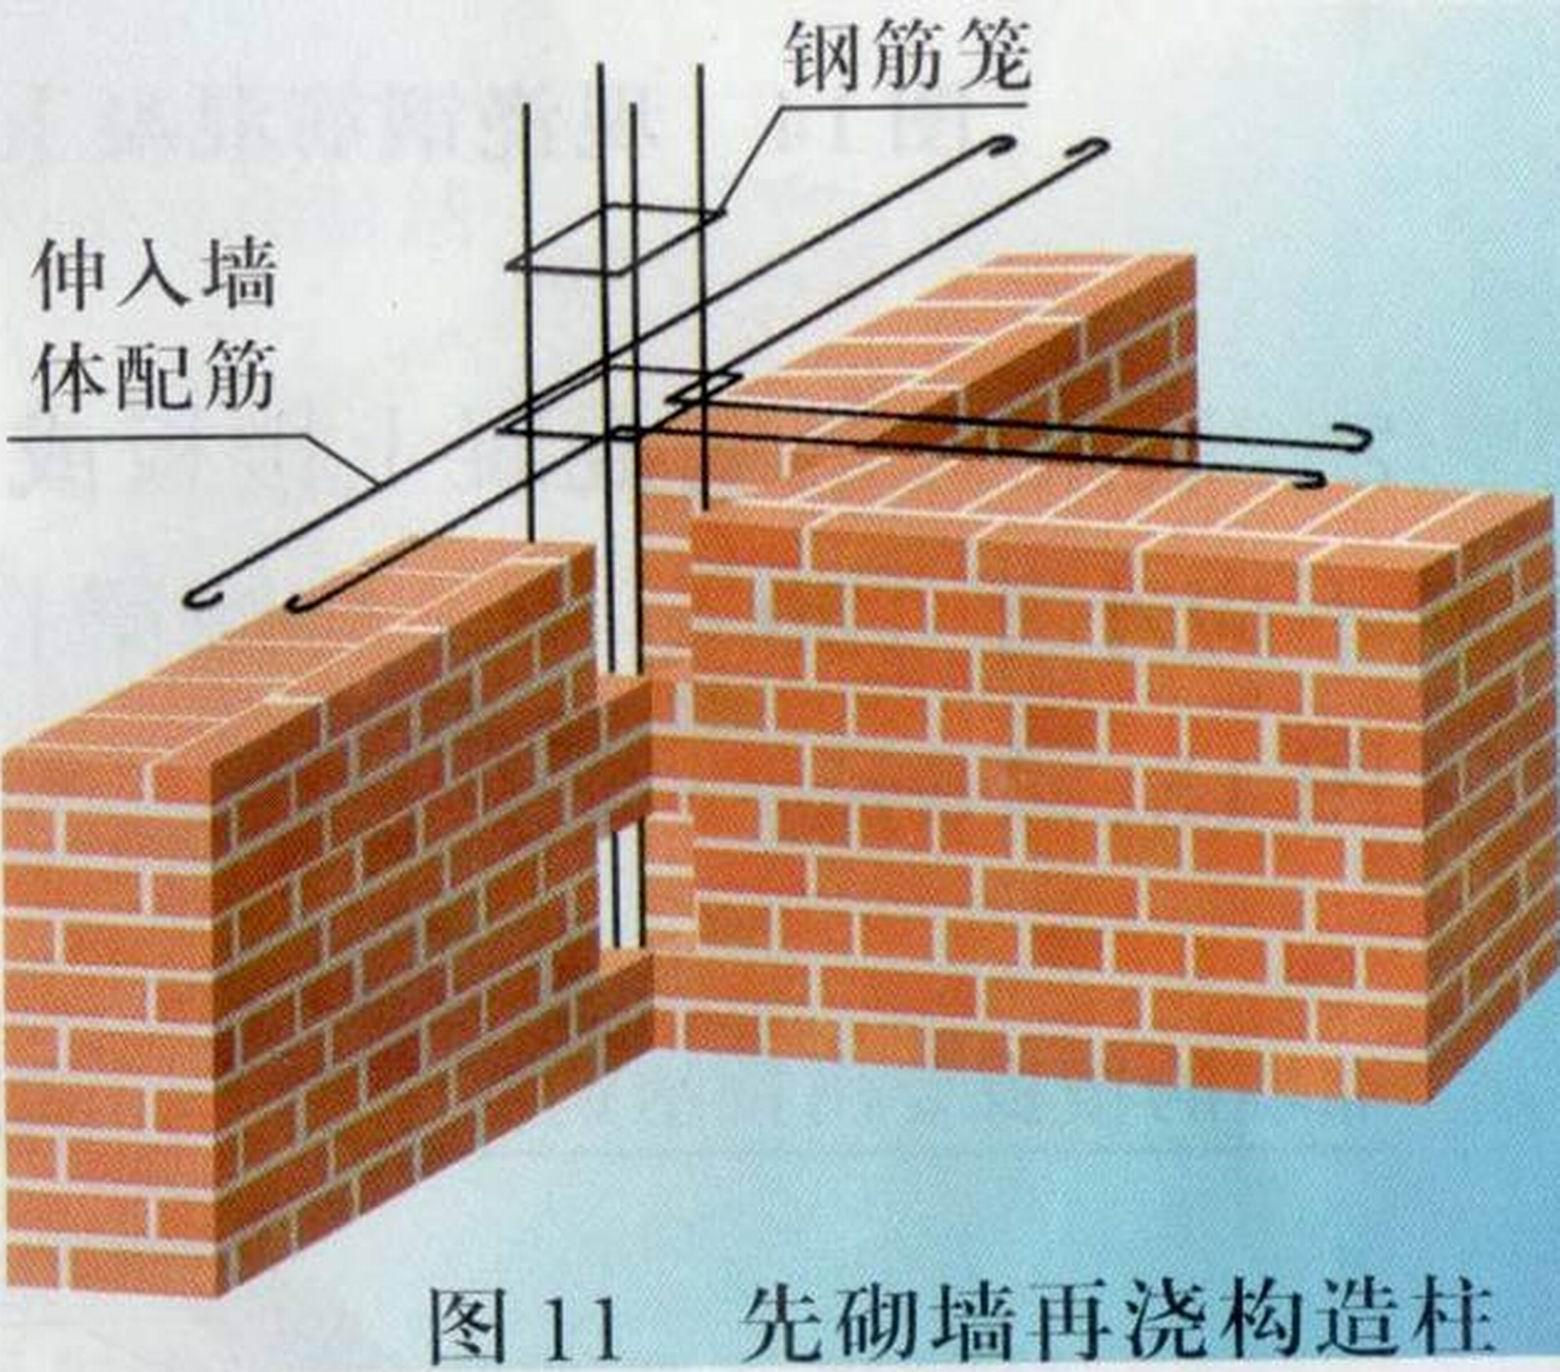 农村地圈梁钢筋结构图